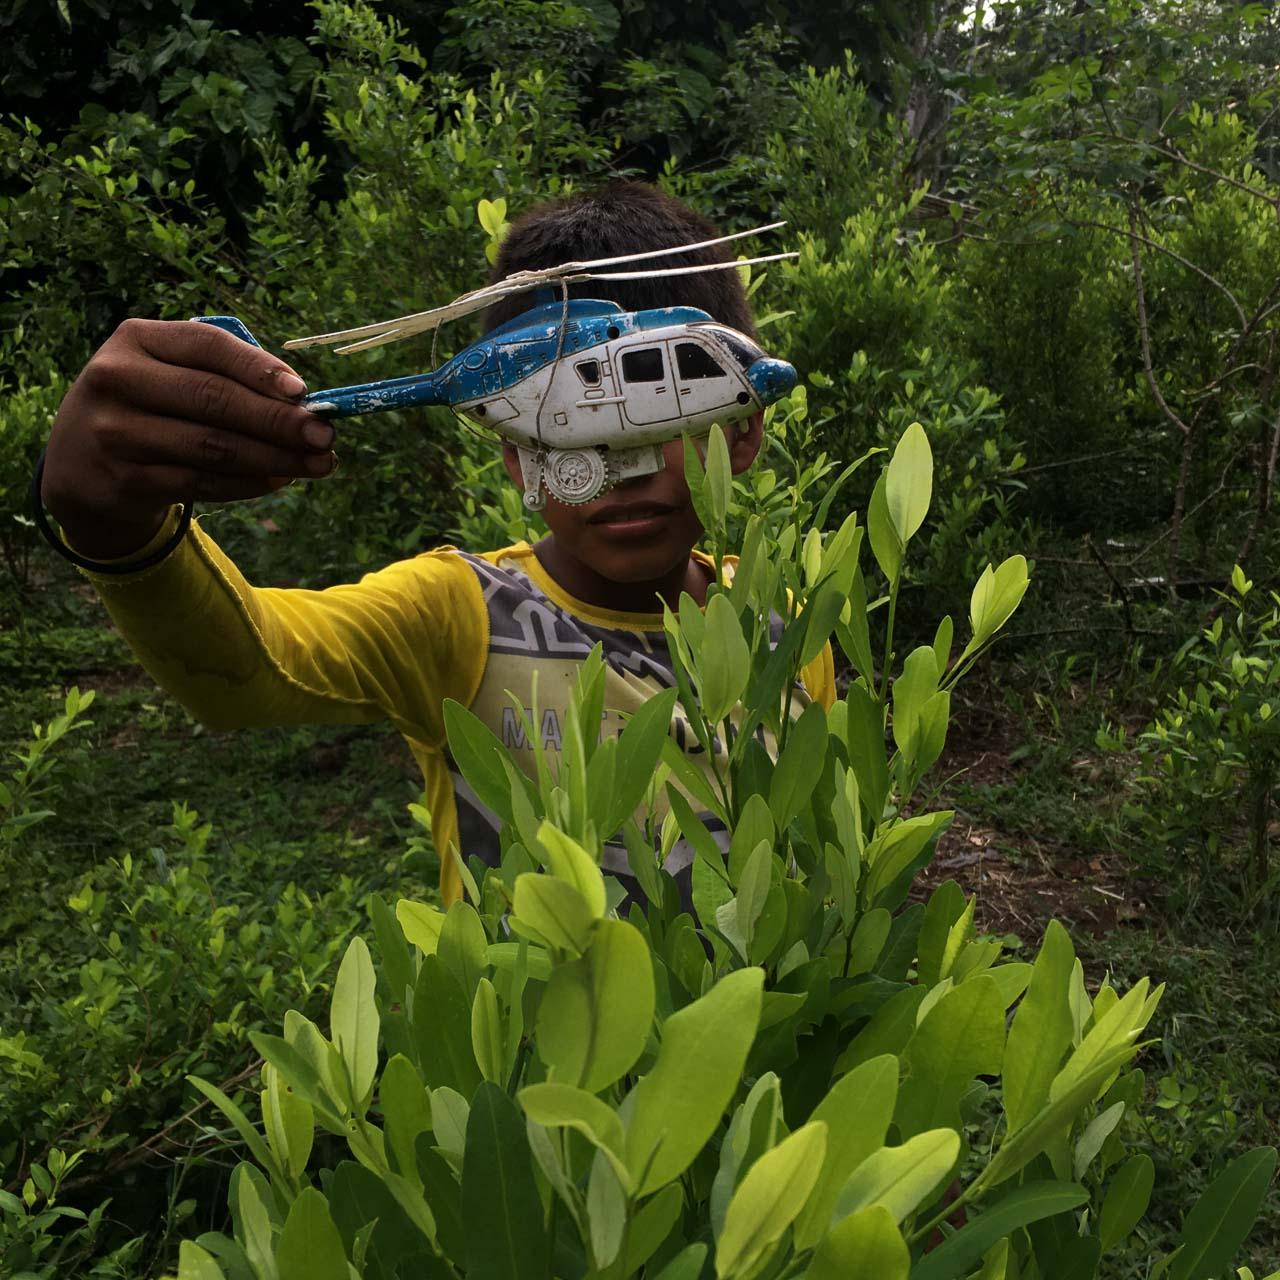 Un niño describe cómo los helicópteros de la fuerza pública se aproximan a los cultivos de coca y ametrallan desde el aire, en zona rural de San Miguel, en el Putumayo. Con Thilo Miske y Anja Buwert para la tv pública alemana.